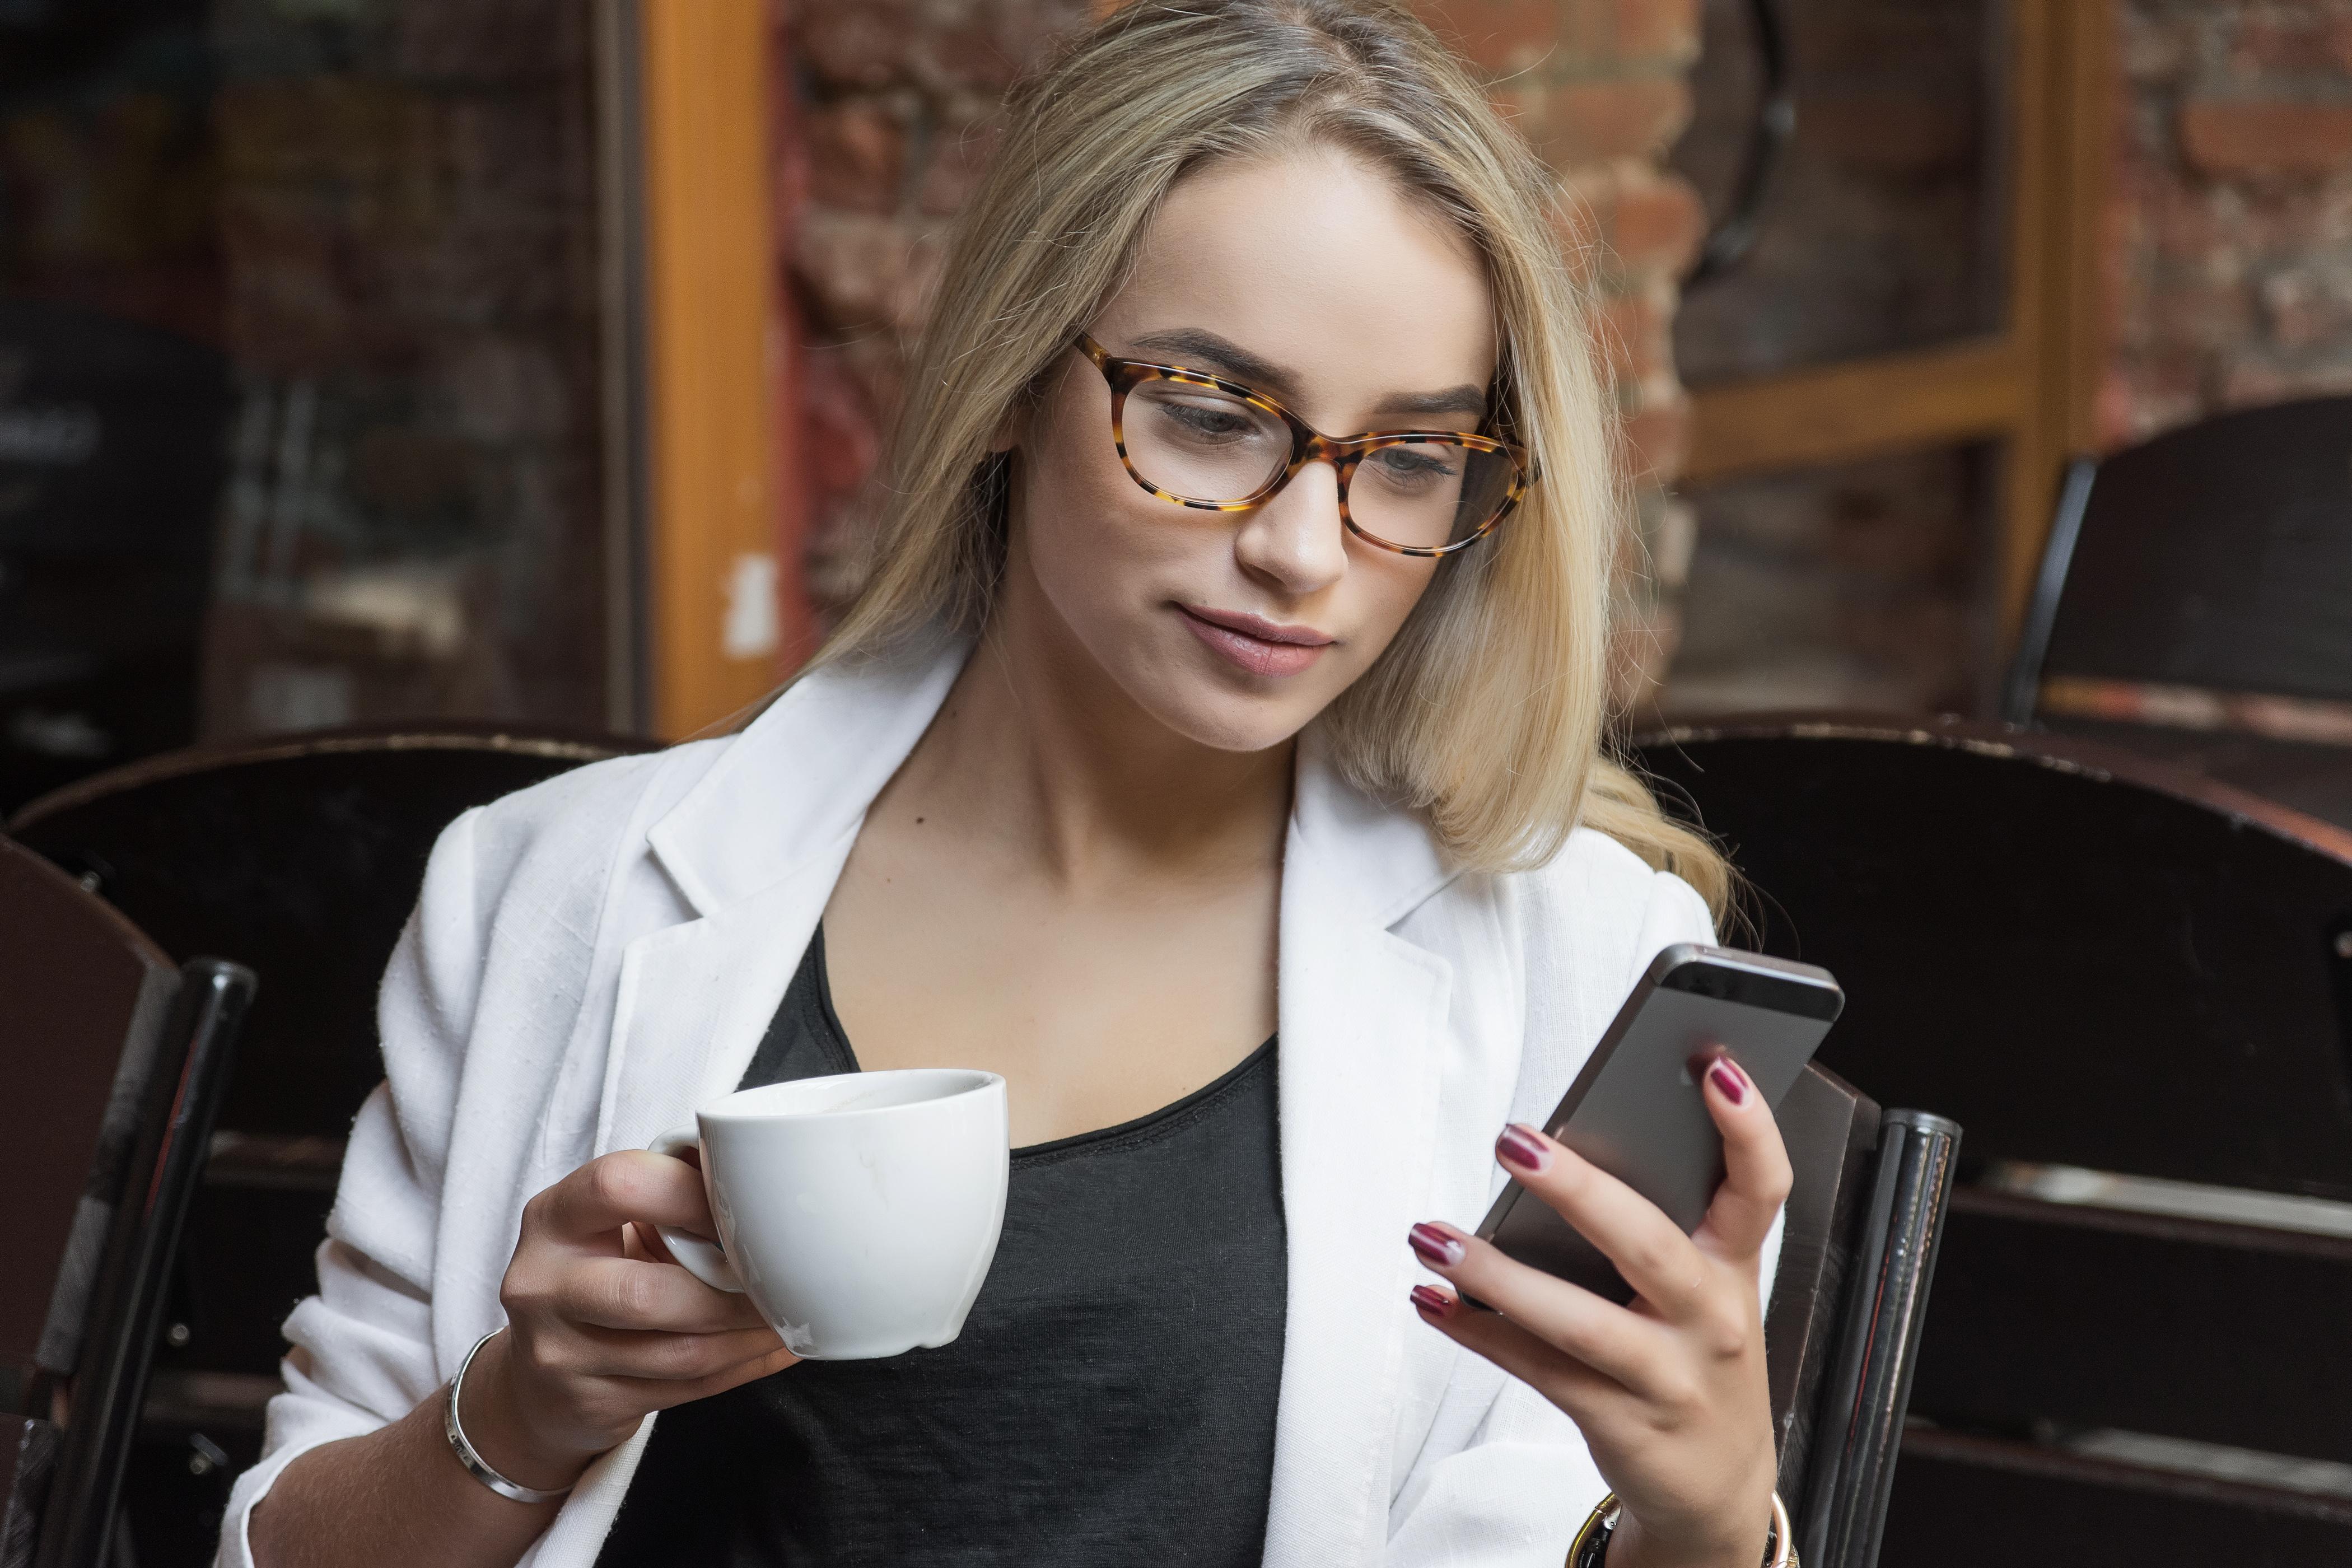 Junge_Frau-mit_Smartphone-Tasse-Straßen